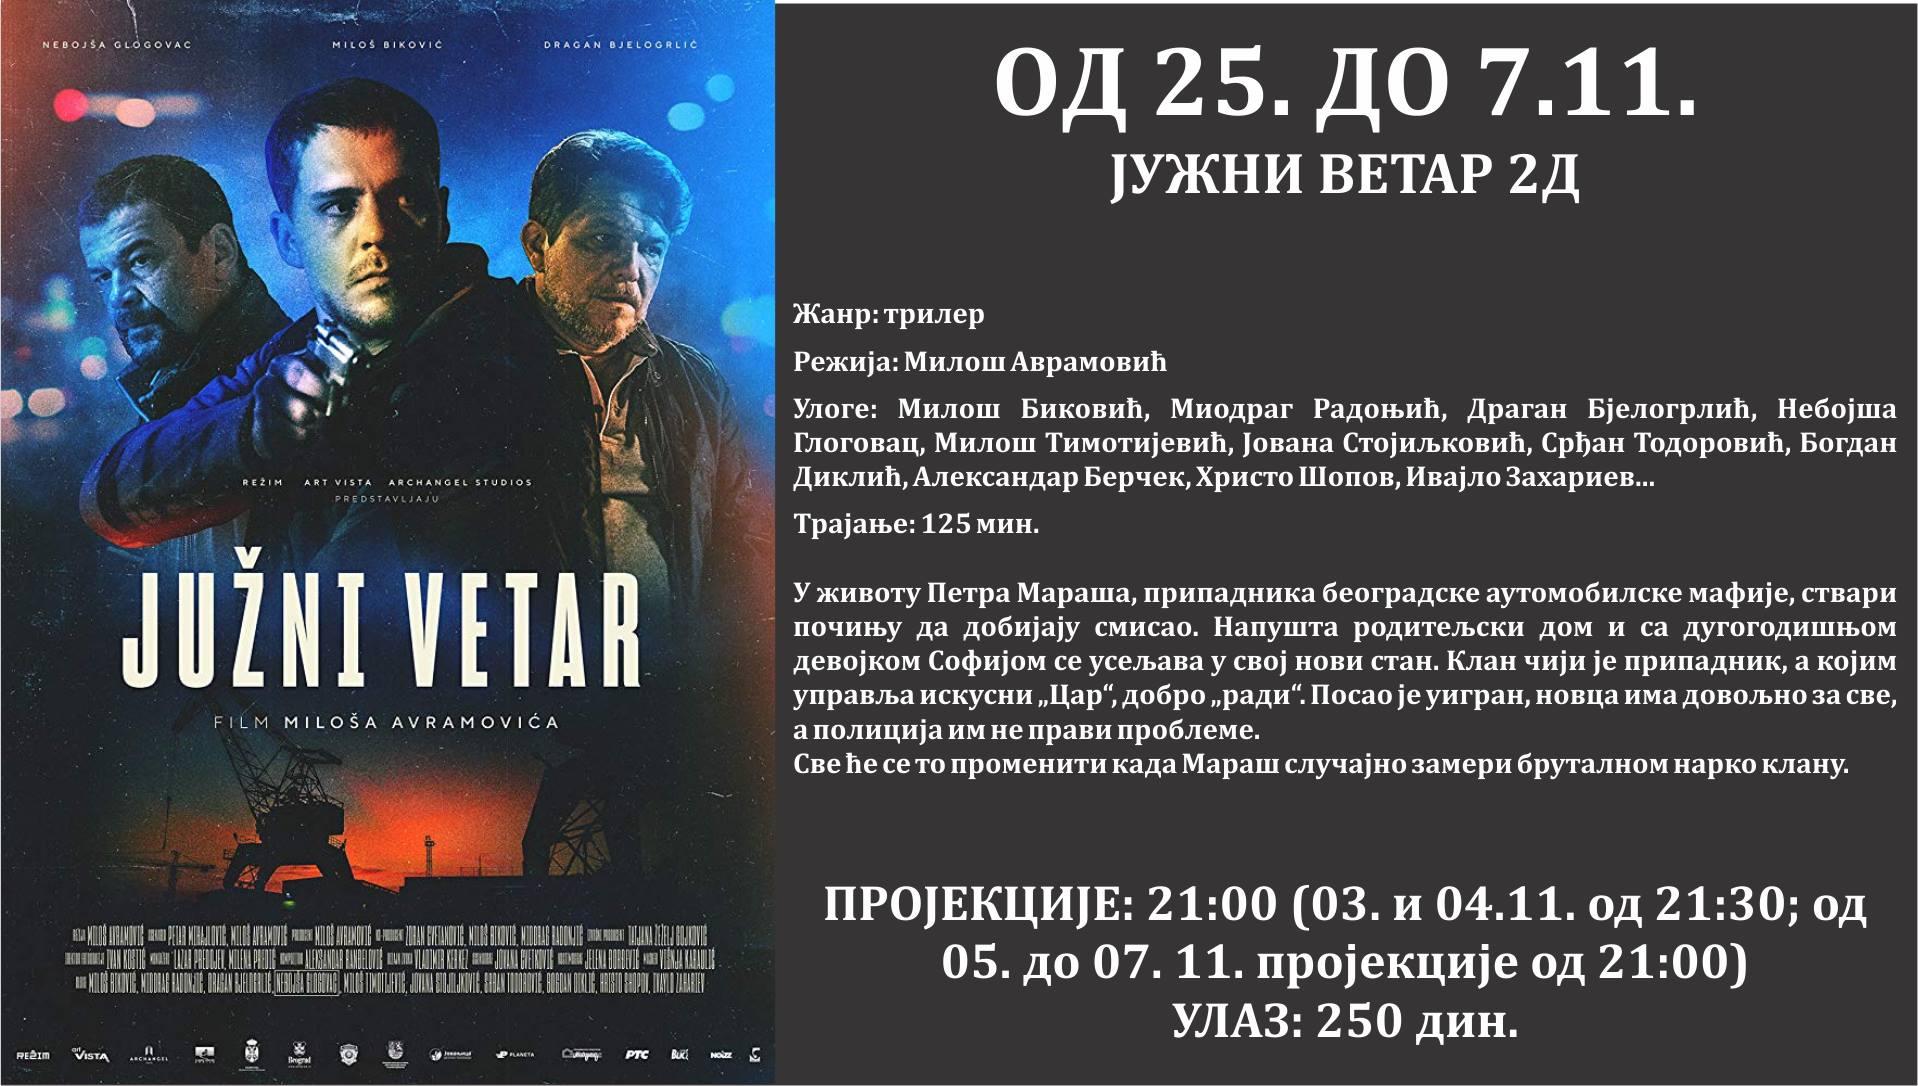 """Photo of """"Južni vetar"""" – domaći blokbaster u bioskopu Doma kulture, zbog ogromnog interesovanja, prikazivaće se do 7. novembra"""